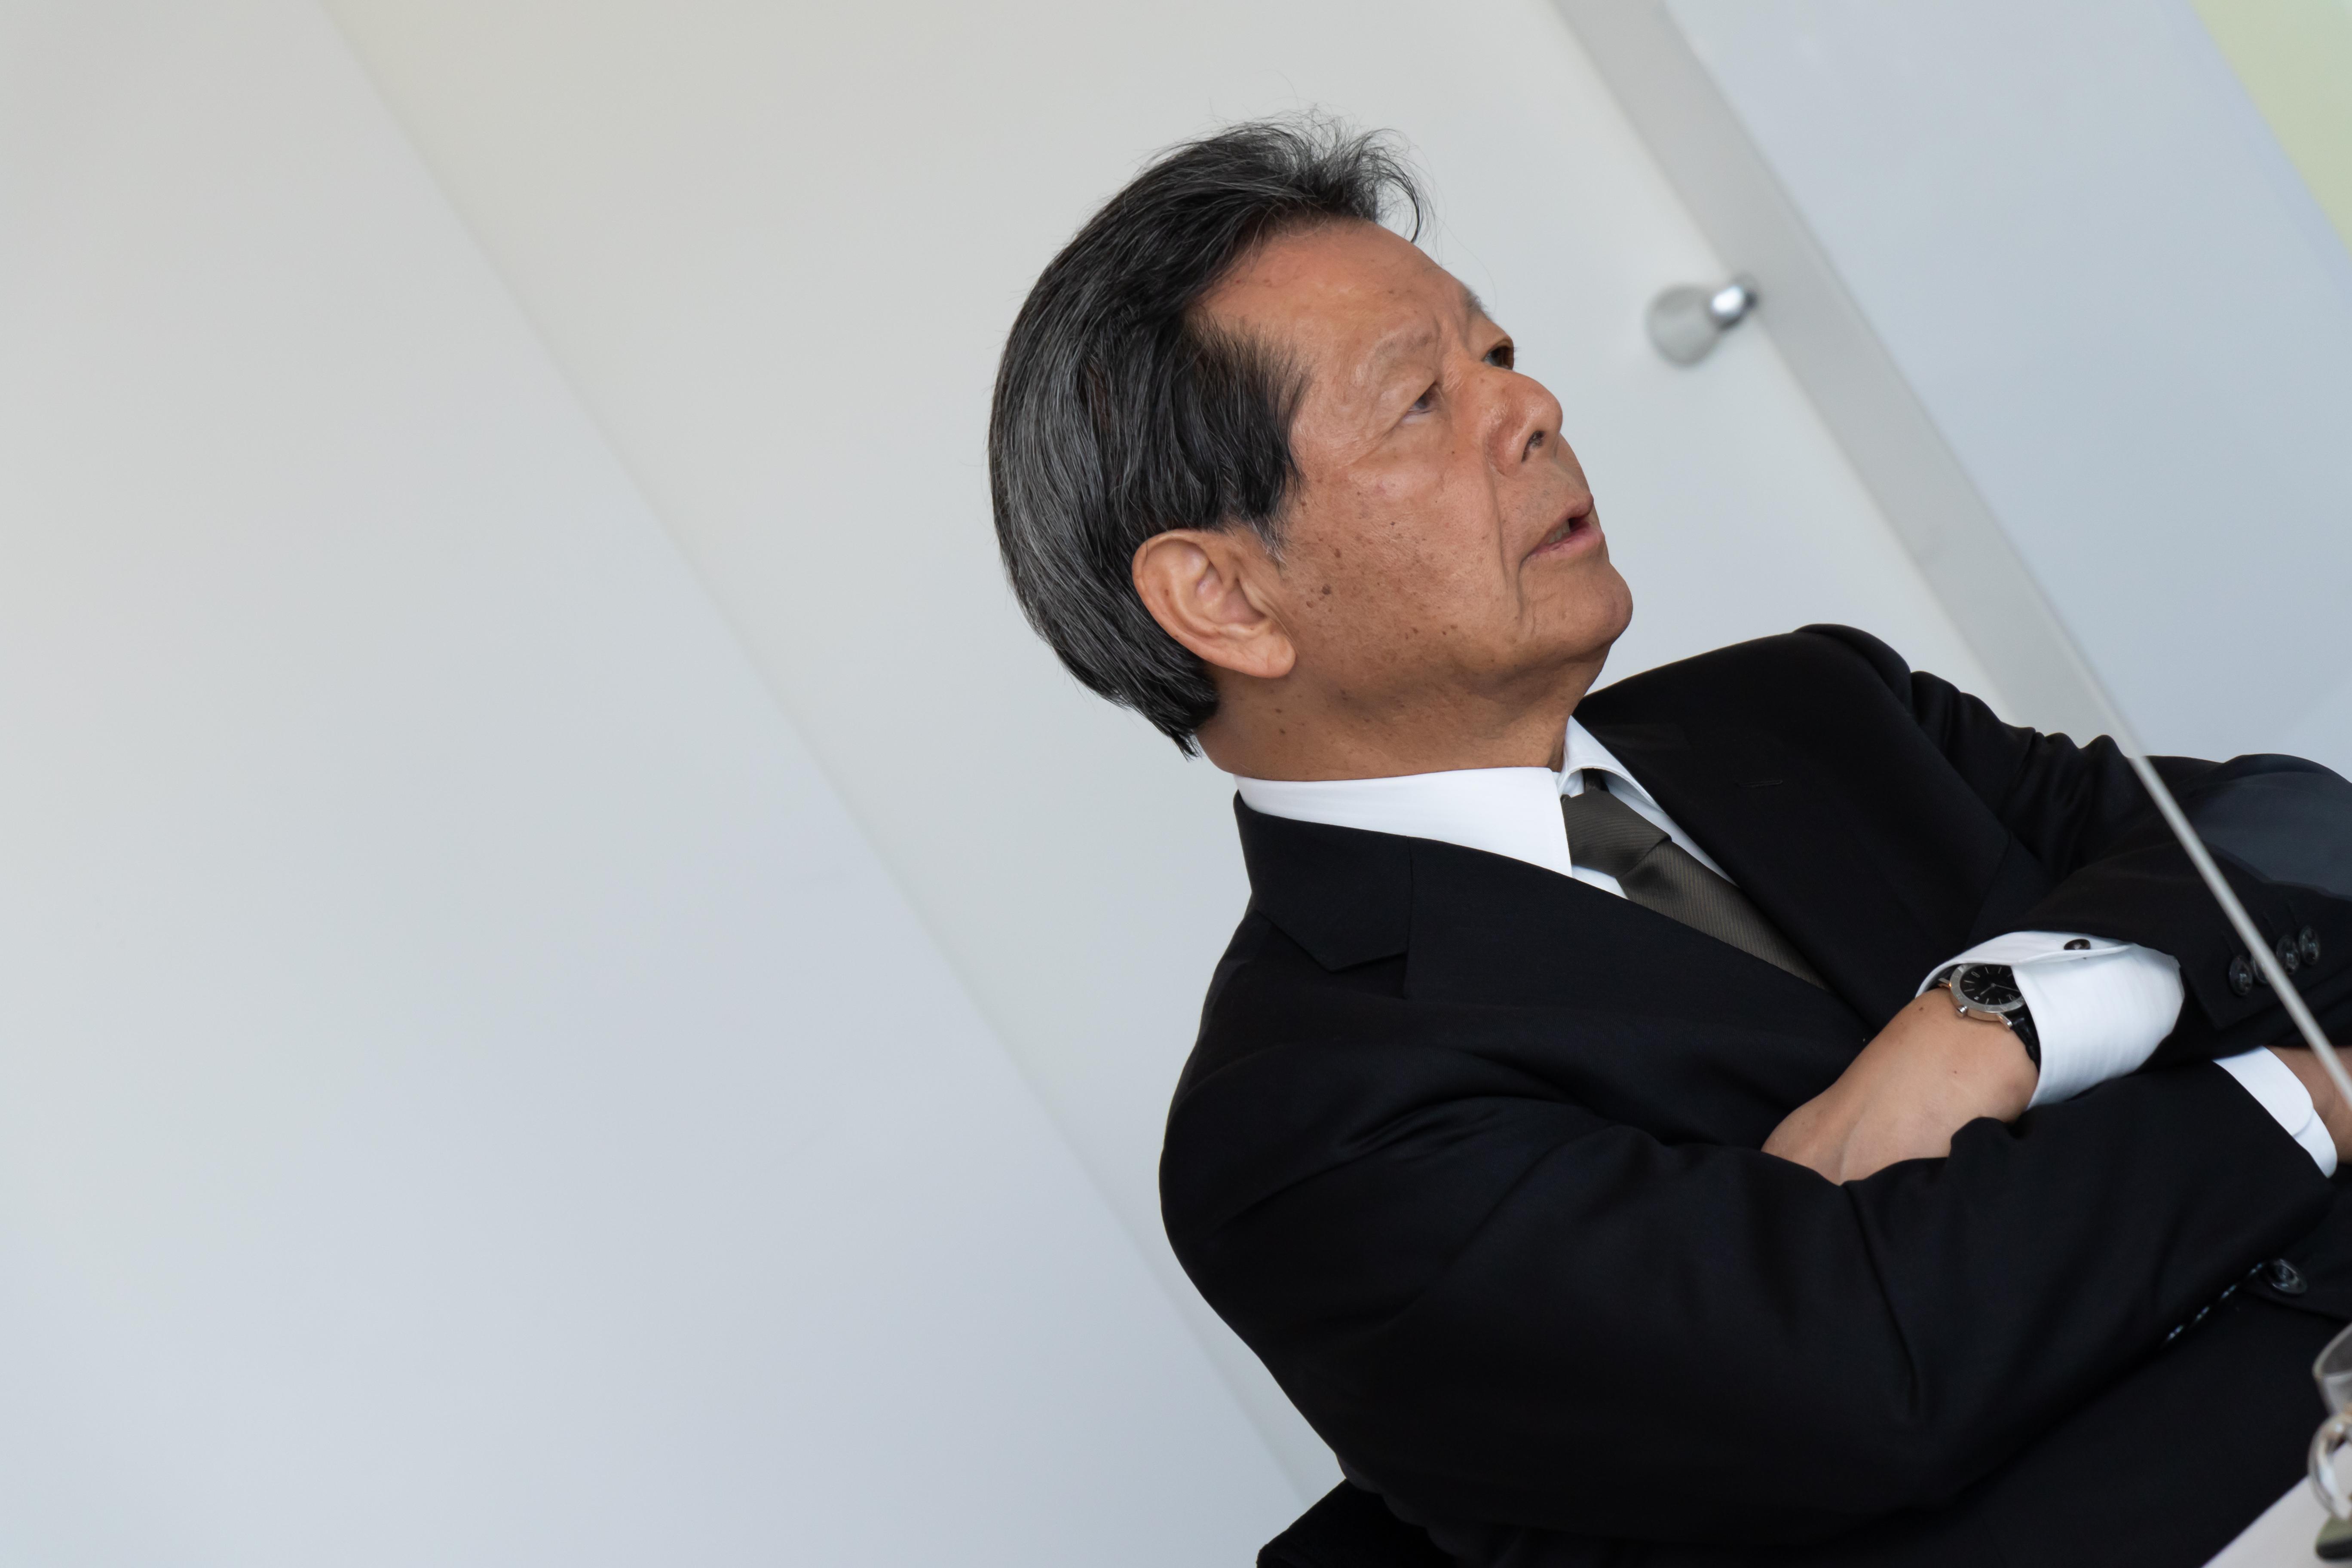 人口蒸発「5,000万人国家」日本の衝撃:人口増加は必要か(船橋洋一編集顧問との対談)